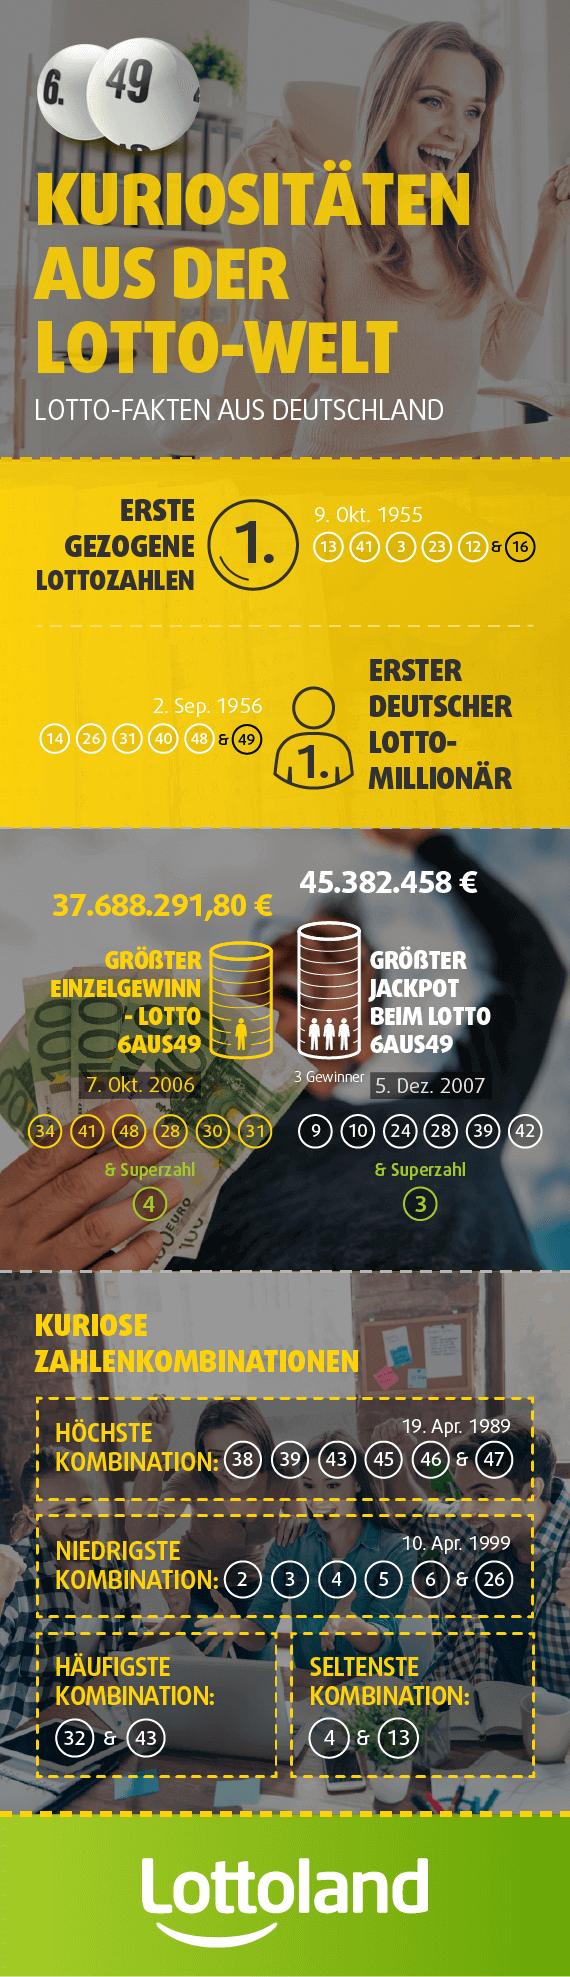 Infografik mir Lotto-Fakten aus Deutschland